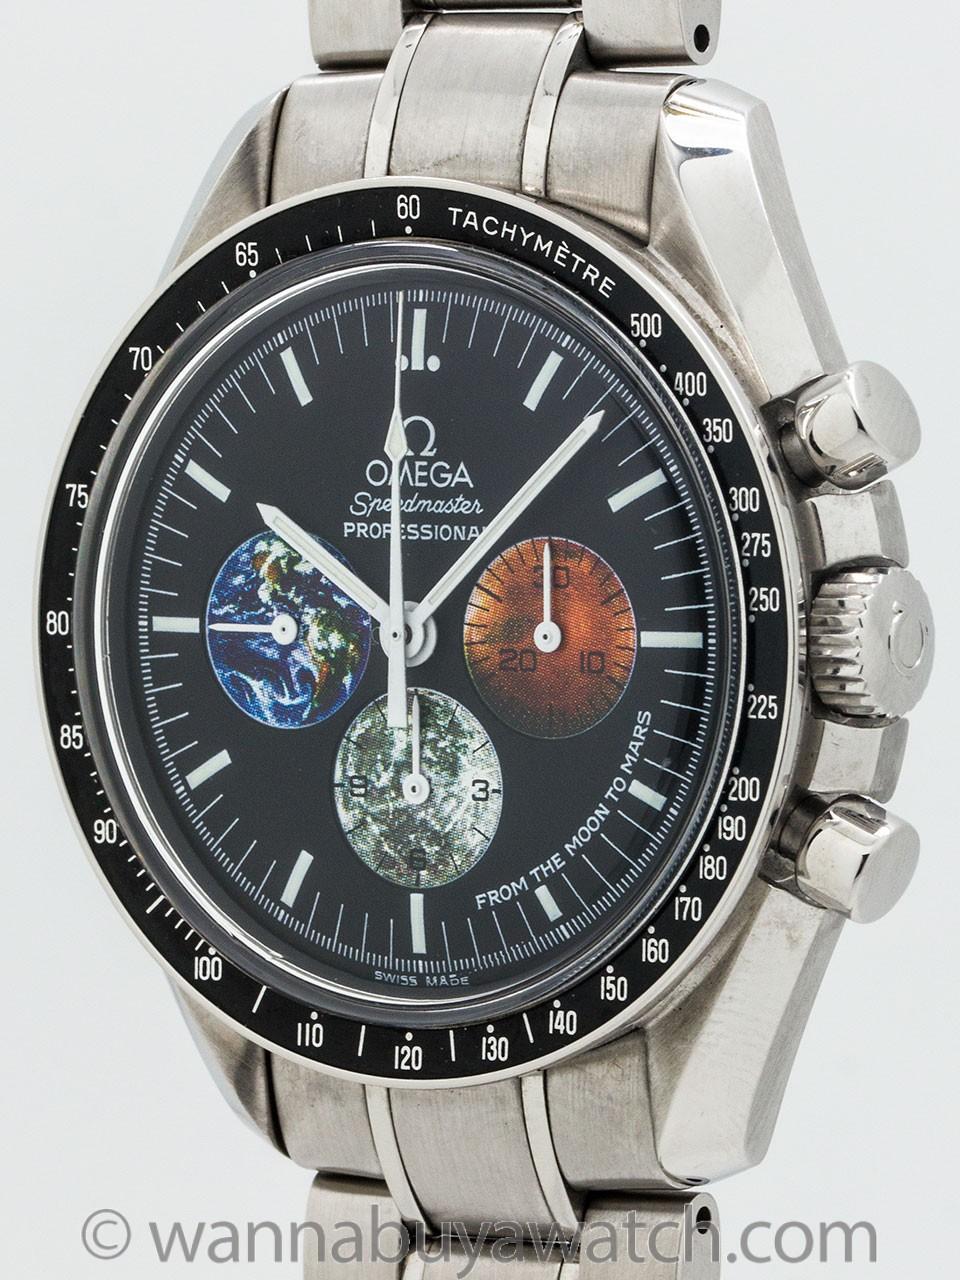 Omega Speedmaster Moon to Mars Mission ref 3577.50.00